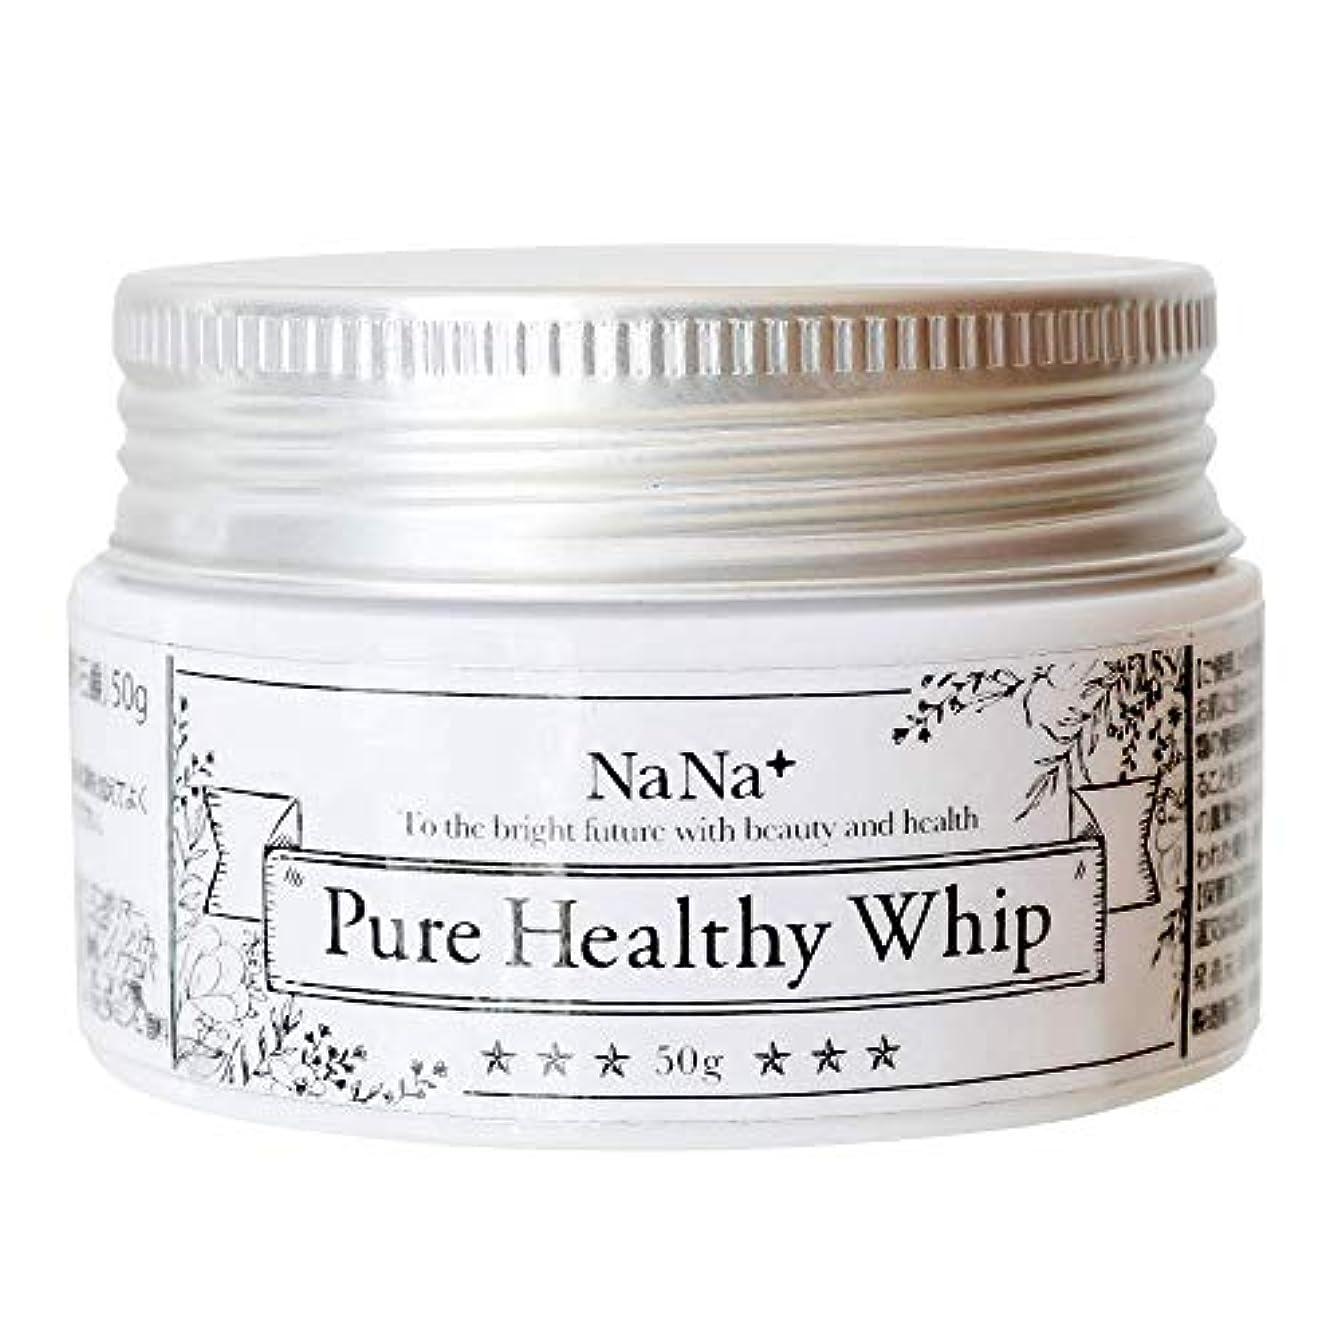 ぼかすディレクトリクルーズ洗顔 生せっけん 敏感肌 乾燥肌 の 毛穴 くすみ 黒ずみ ケア 肌に優しい無添加  nana+ピュアヘルシーホイップ